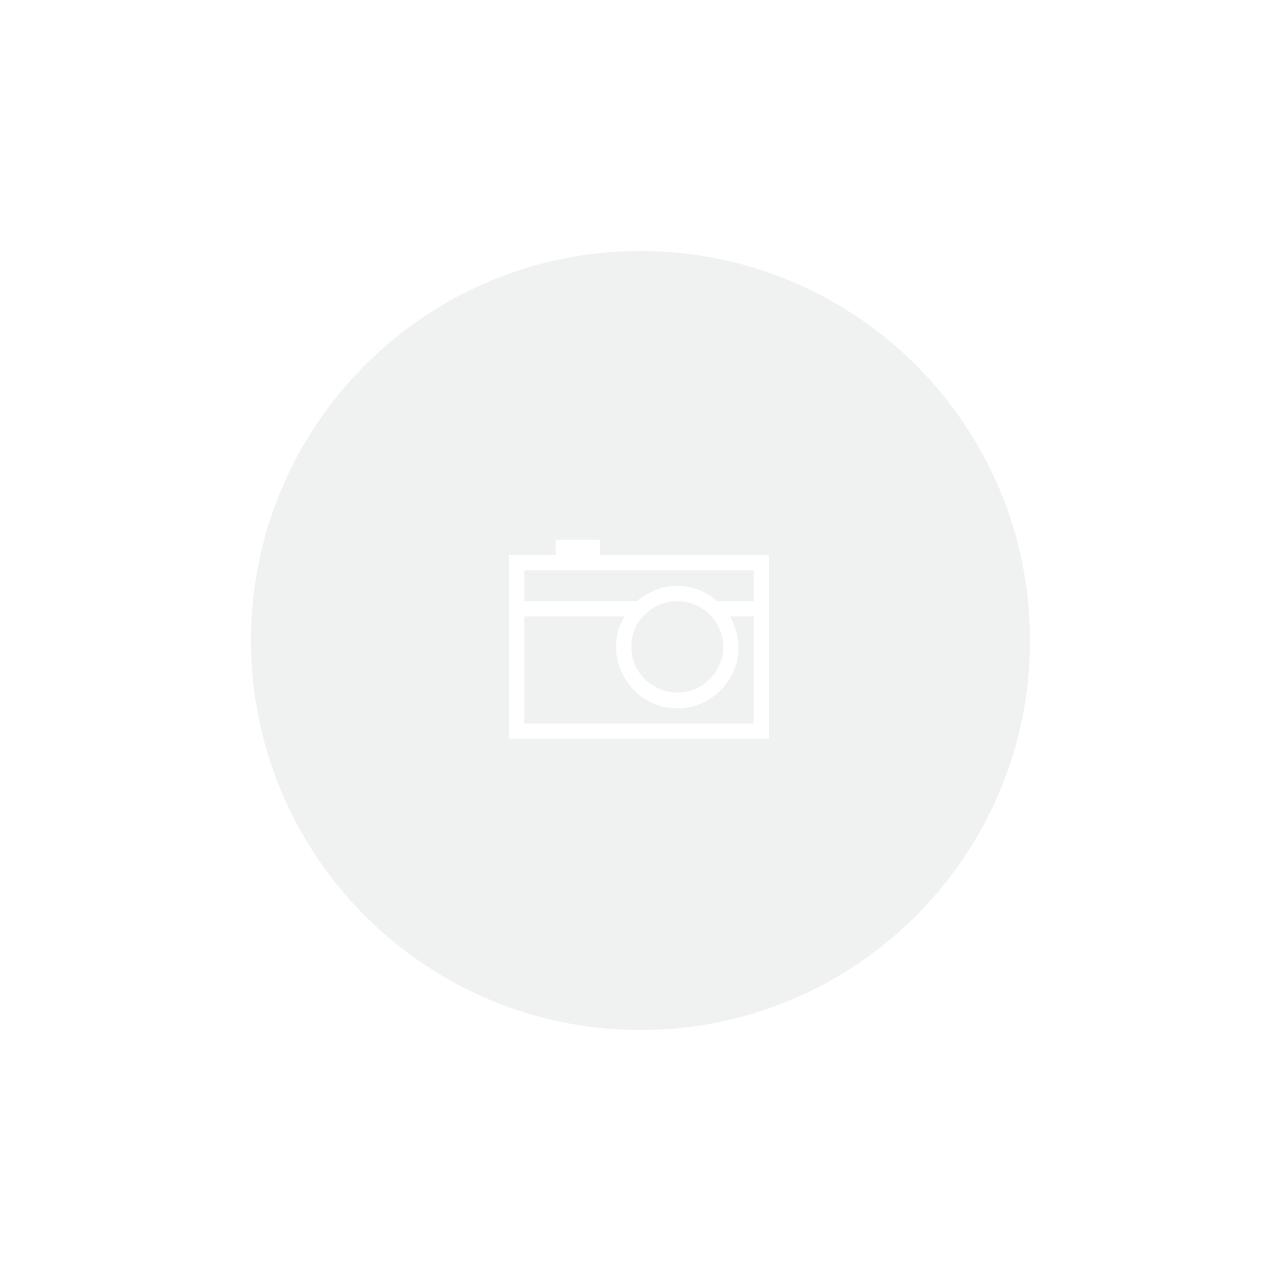 Cooktop Vitrocerâmico por Indução com 4 áreas de Aquecimento